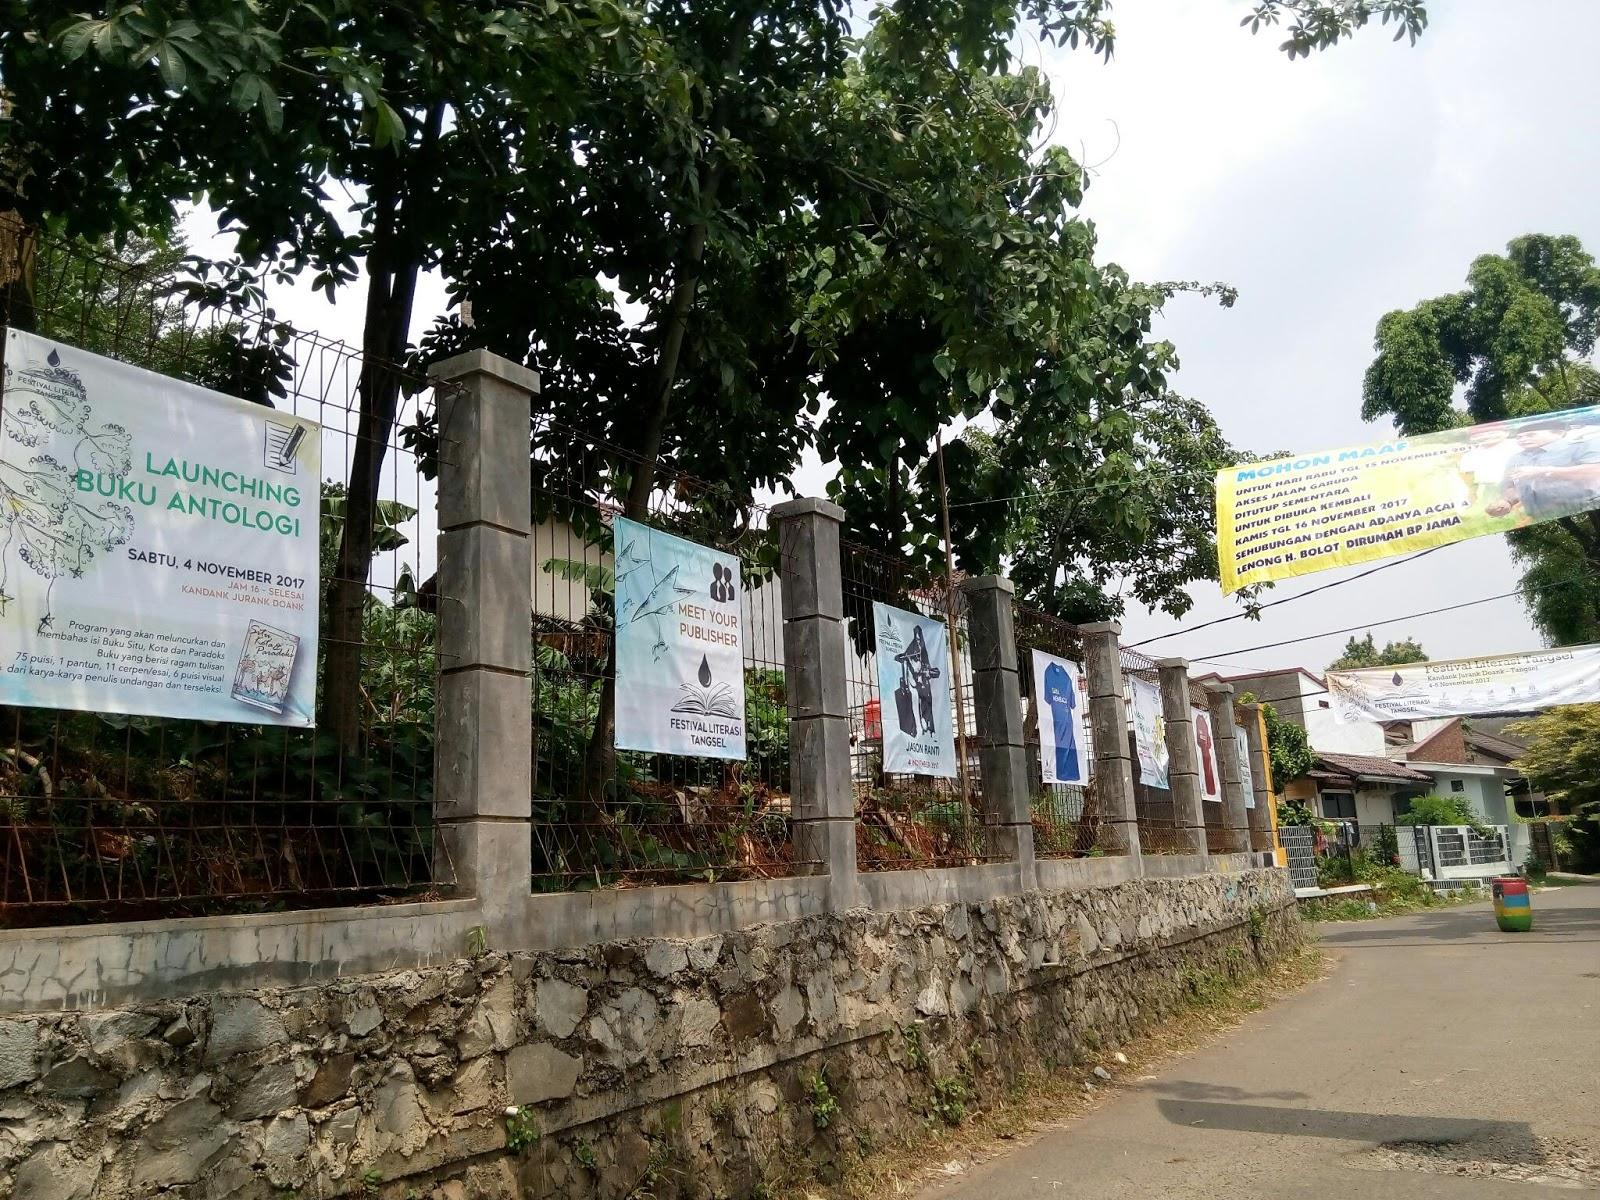 Dolan Kandank Jurank Doank Jalan Menuju Sudut Lain Terdapat Perpustakaan